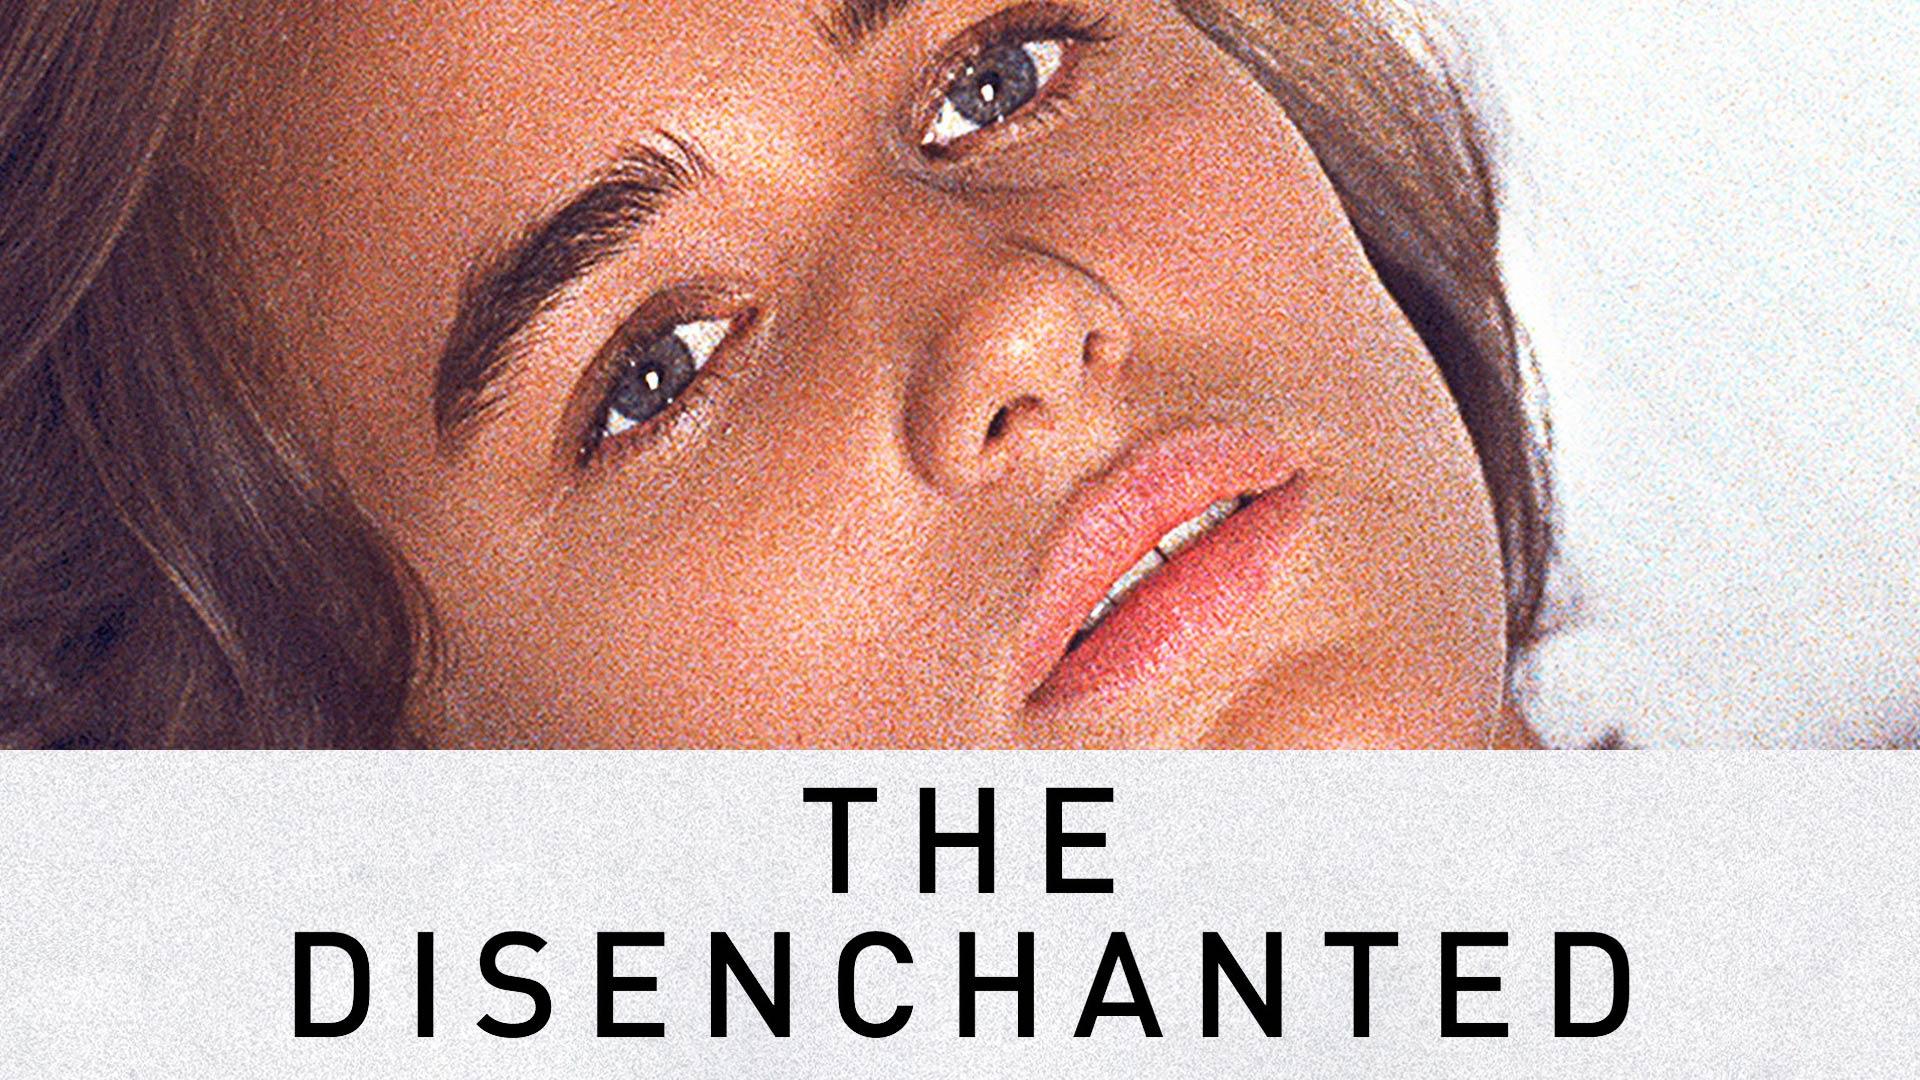 Disenchanted [English subtitle]